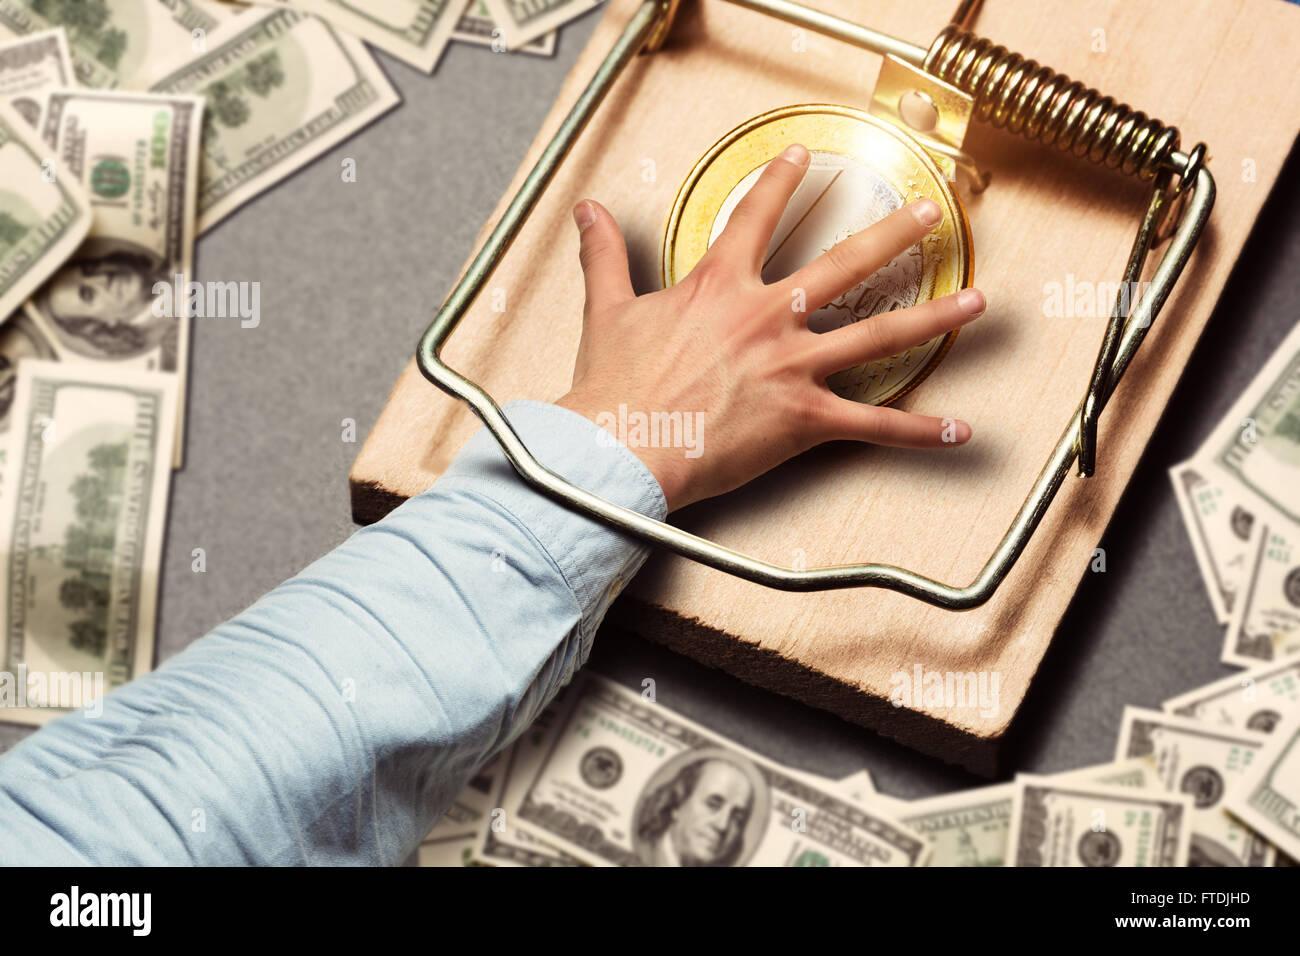 Maschio a mano una moneta in oro Immagini Stock